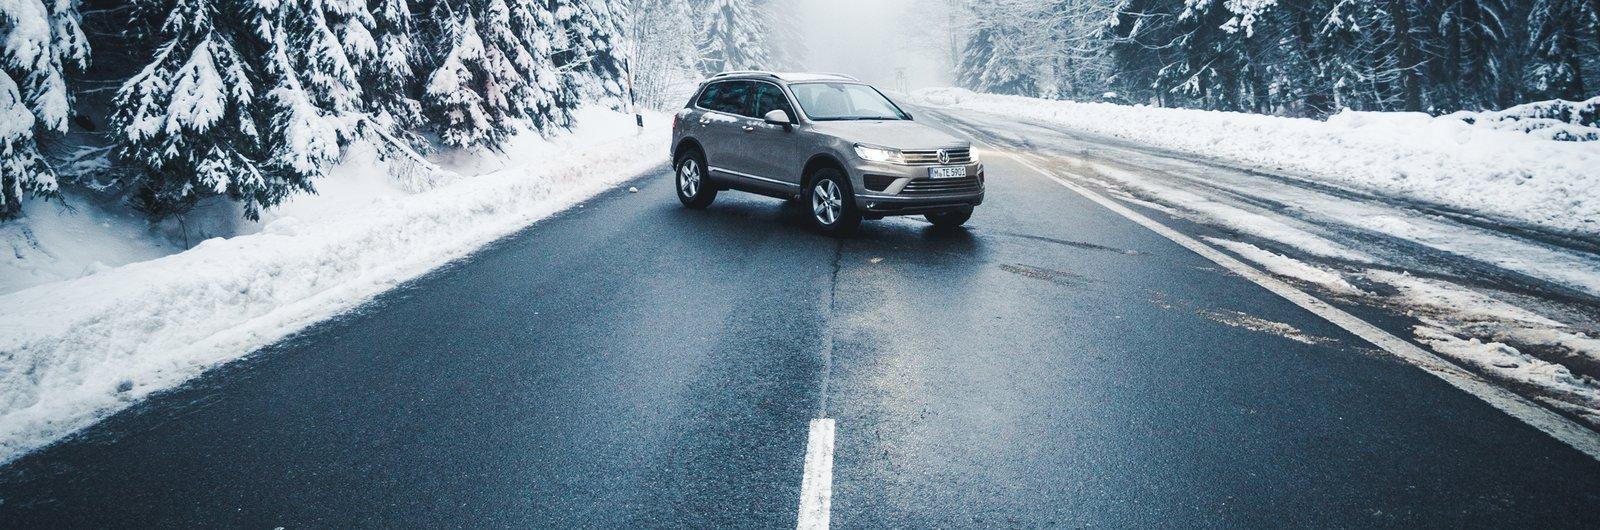 Volkswagen Rental | Sixt rent a car